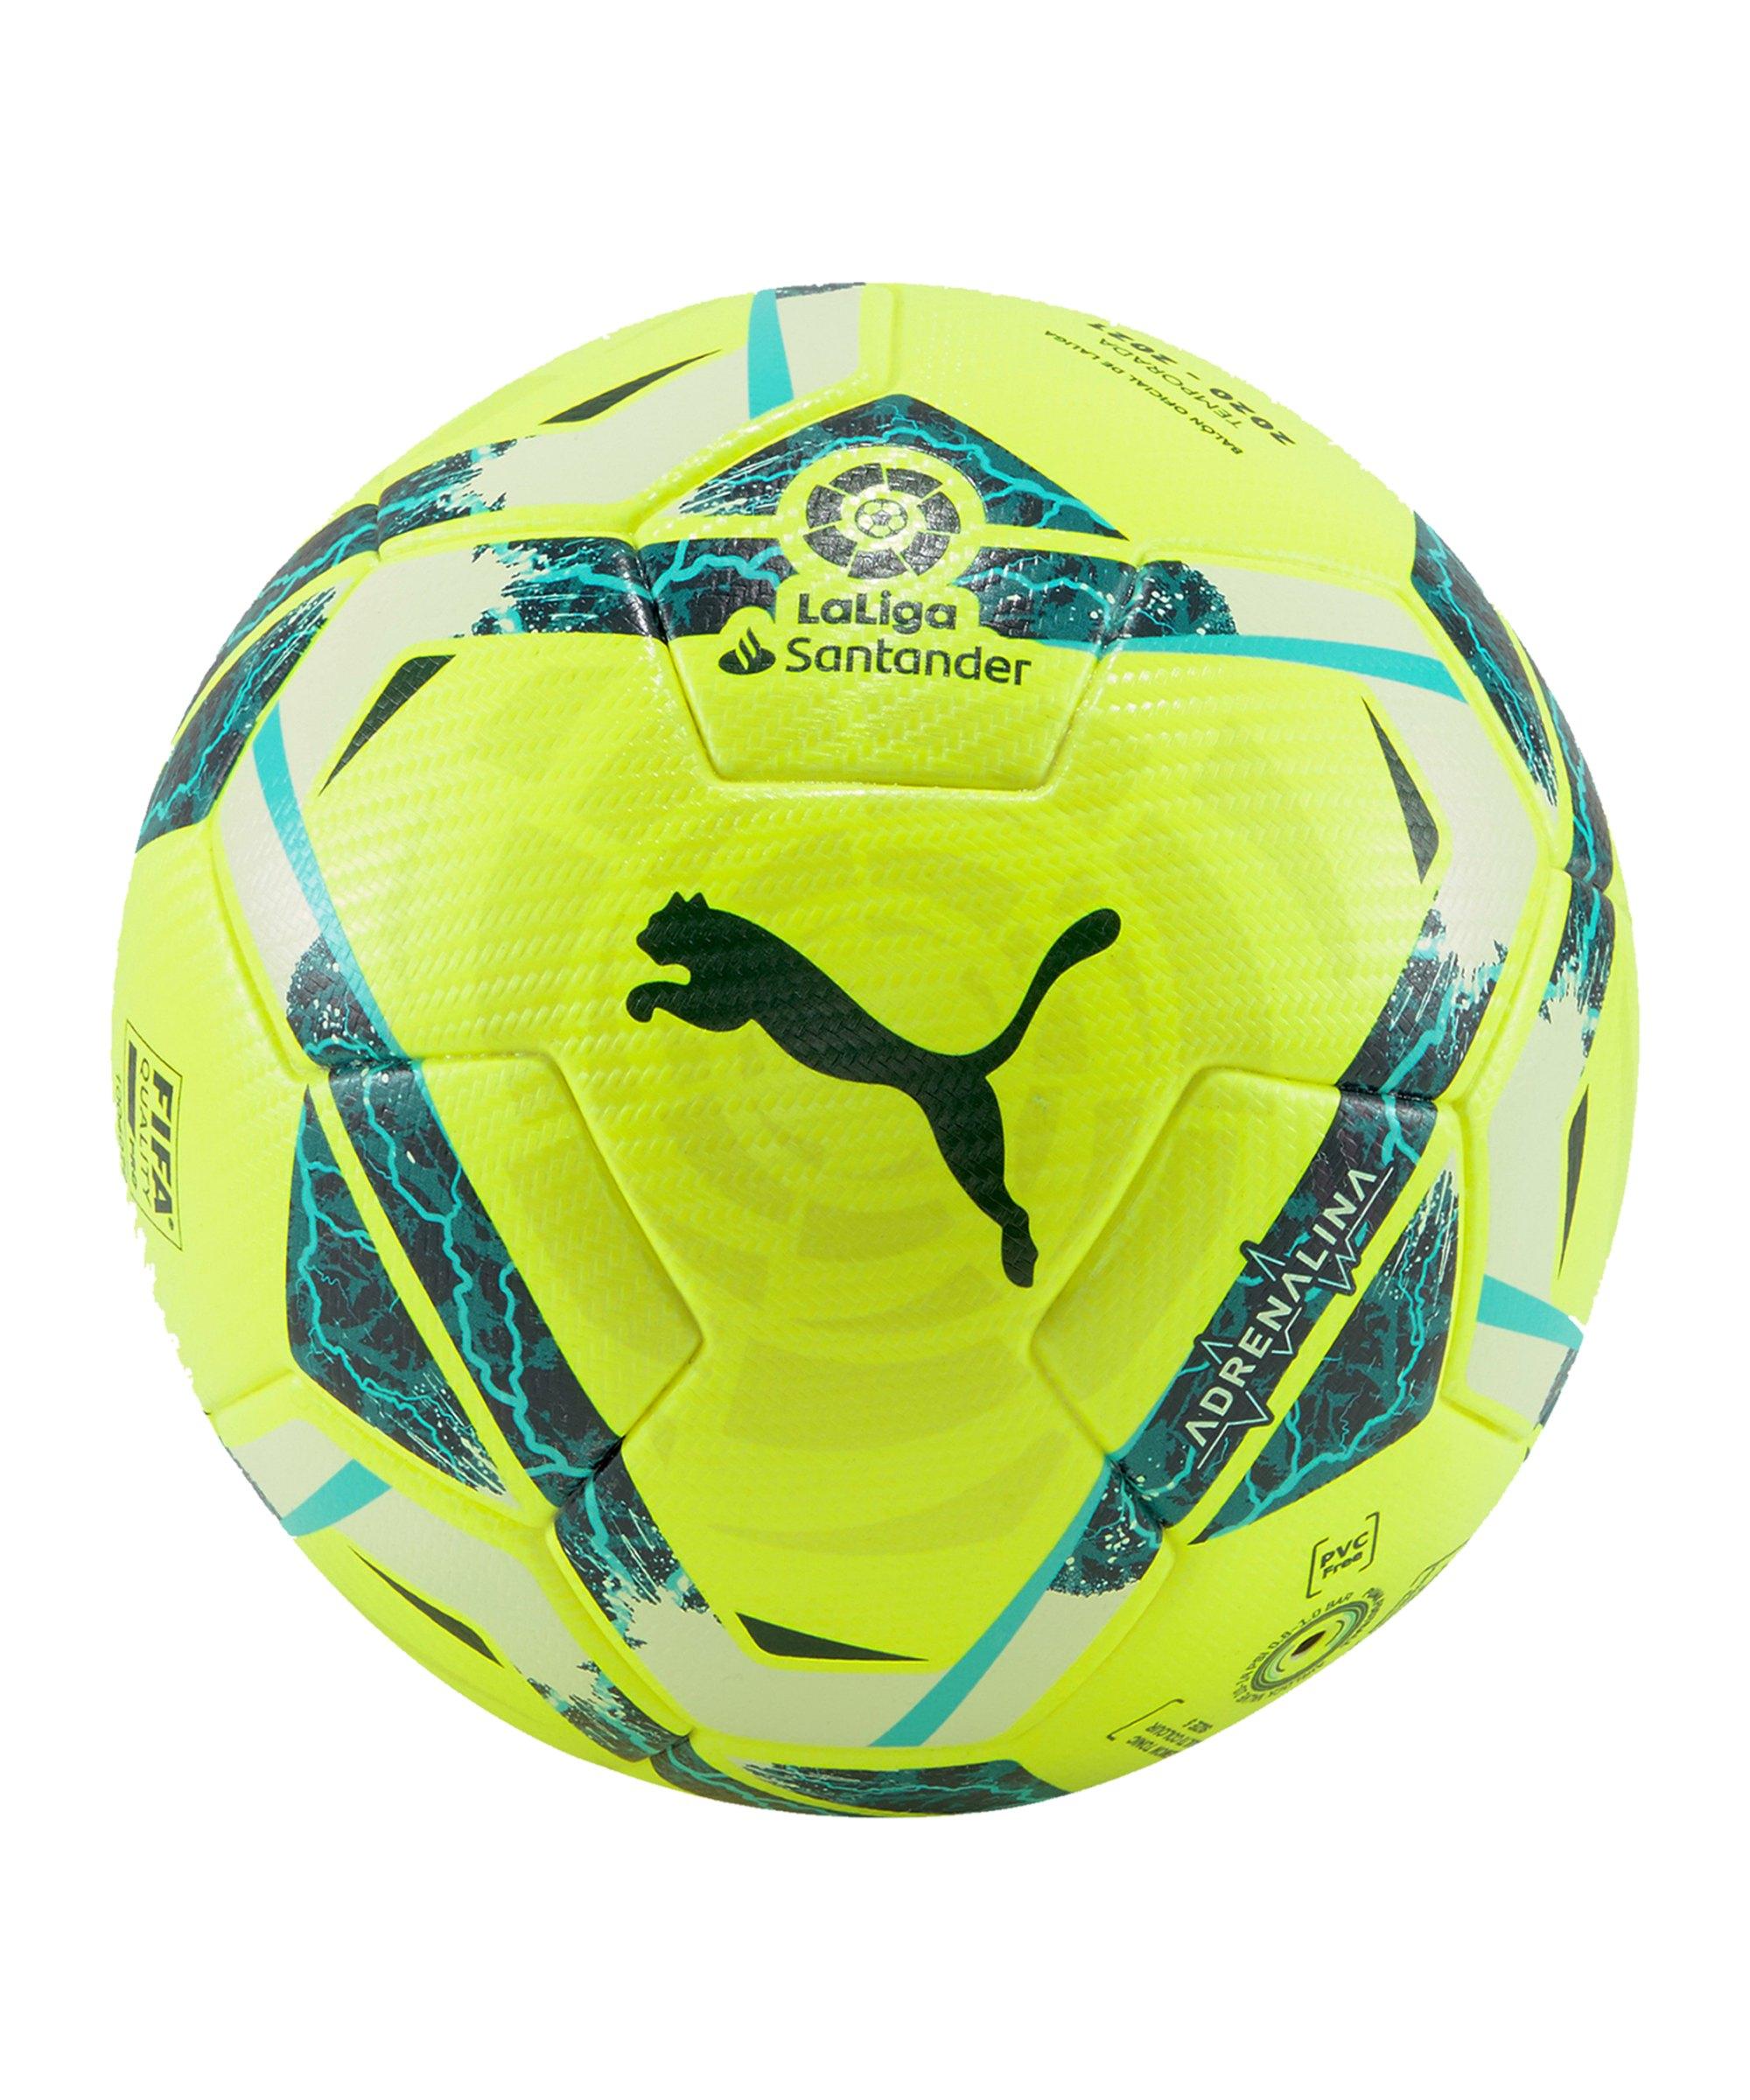 PUMA LaLiga 1 ADRENALINA Spielball Gelb F01 - gelb